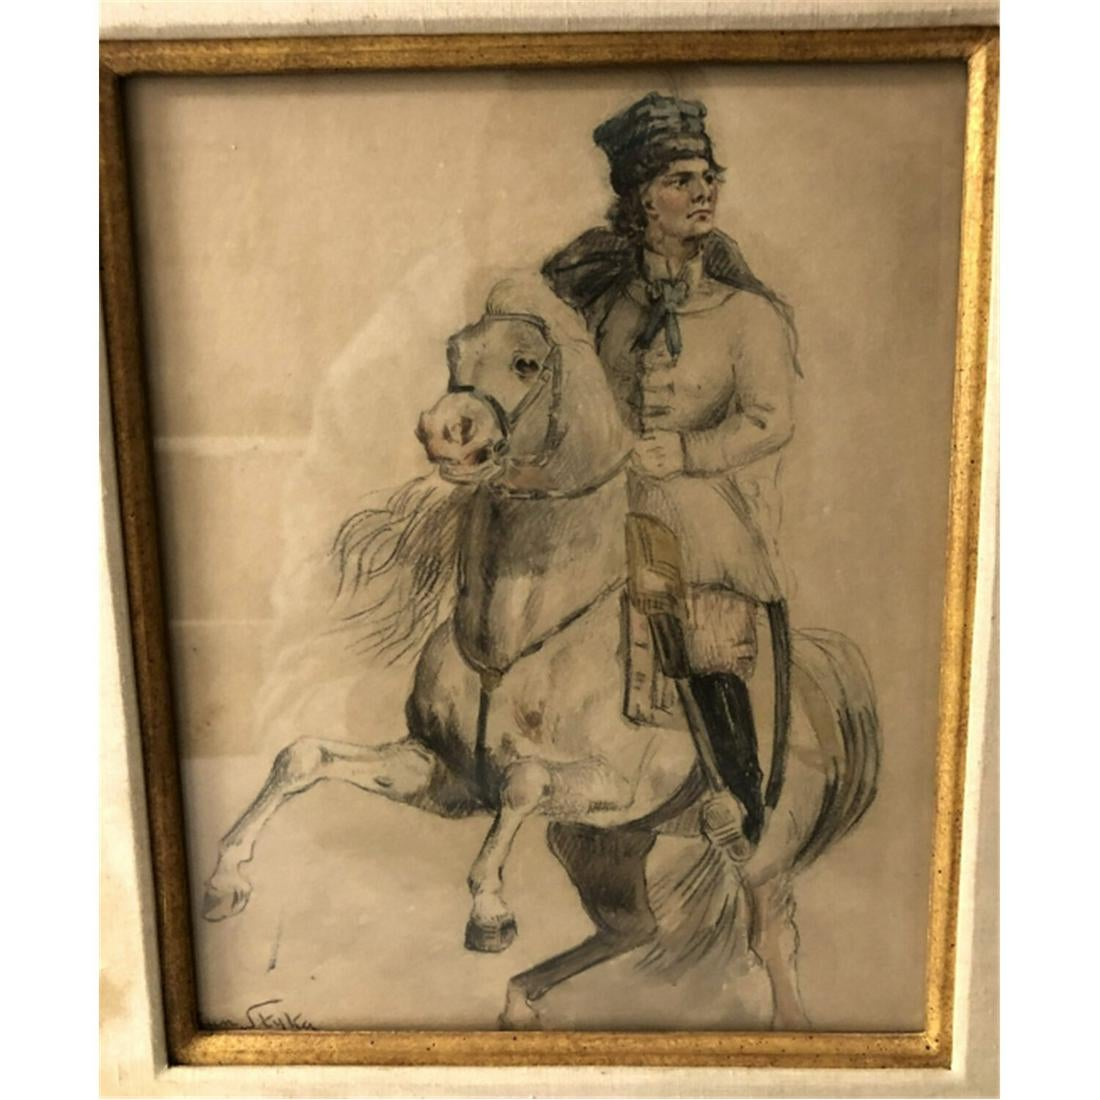 """Jan Styka (1858-1925) """"Jeździec na koniu"""", źródło: World Auction Gallery LLC"""